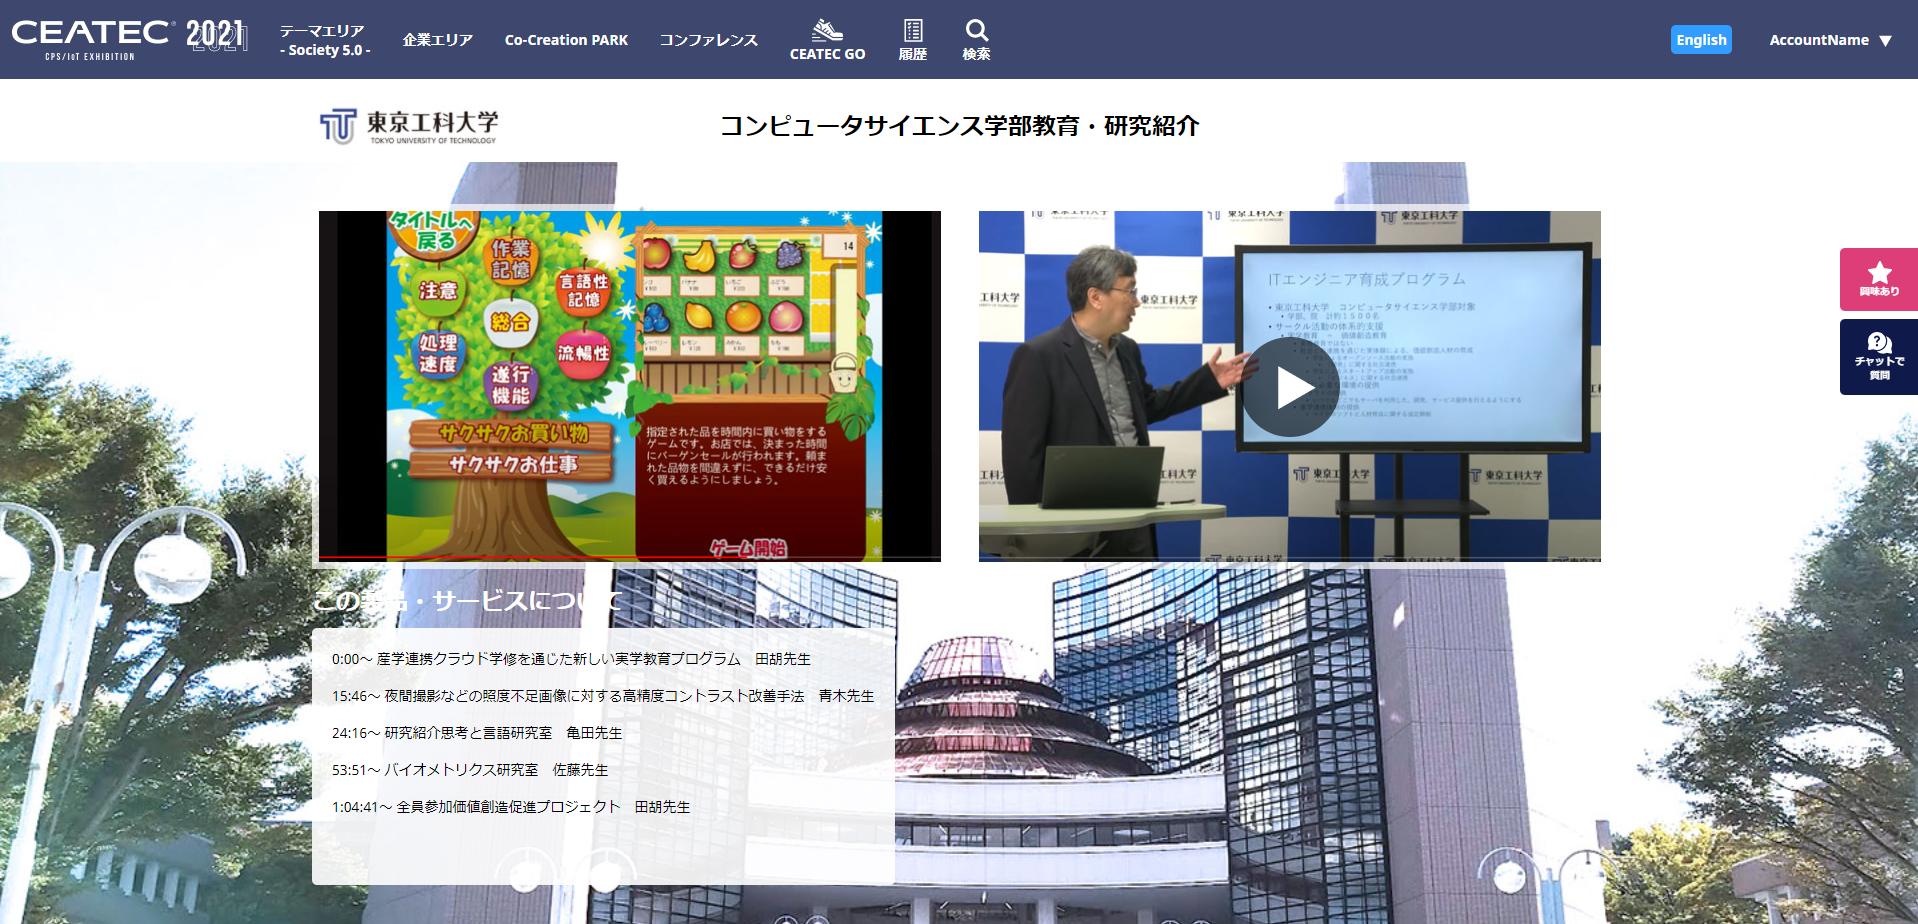 コンピュータサイエンス学部が「CEATEC 2021 ONLINE」に出展 ''価値創造型''IT人材教育やAI、画像処理、非接触認証など研究発表 -- 東京工科大学